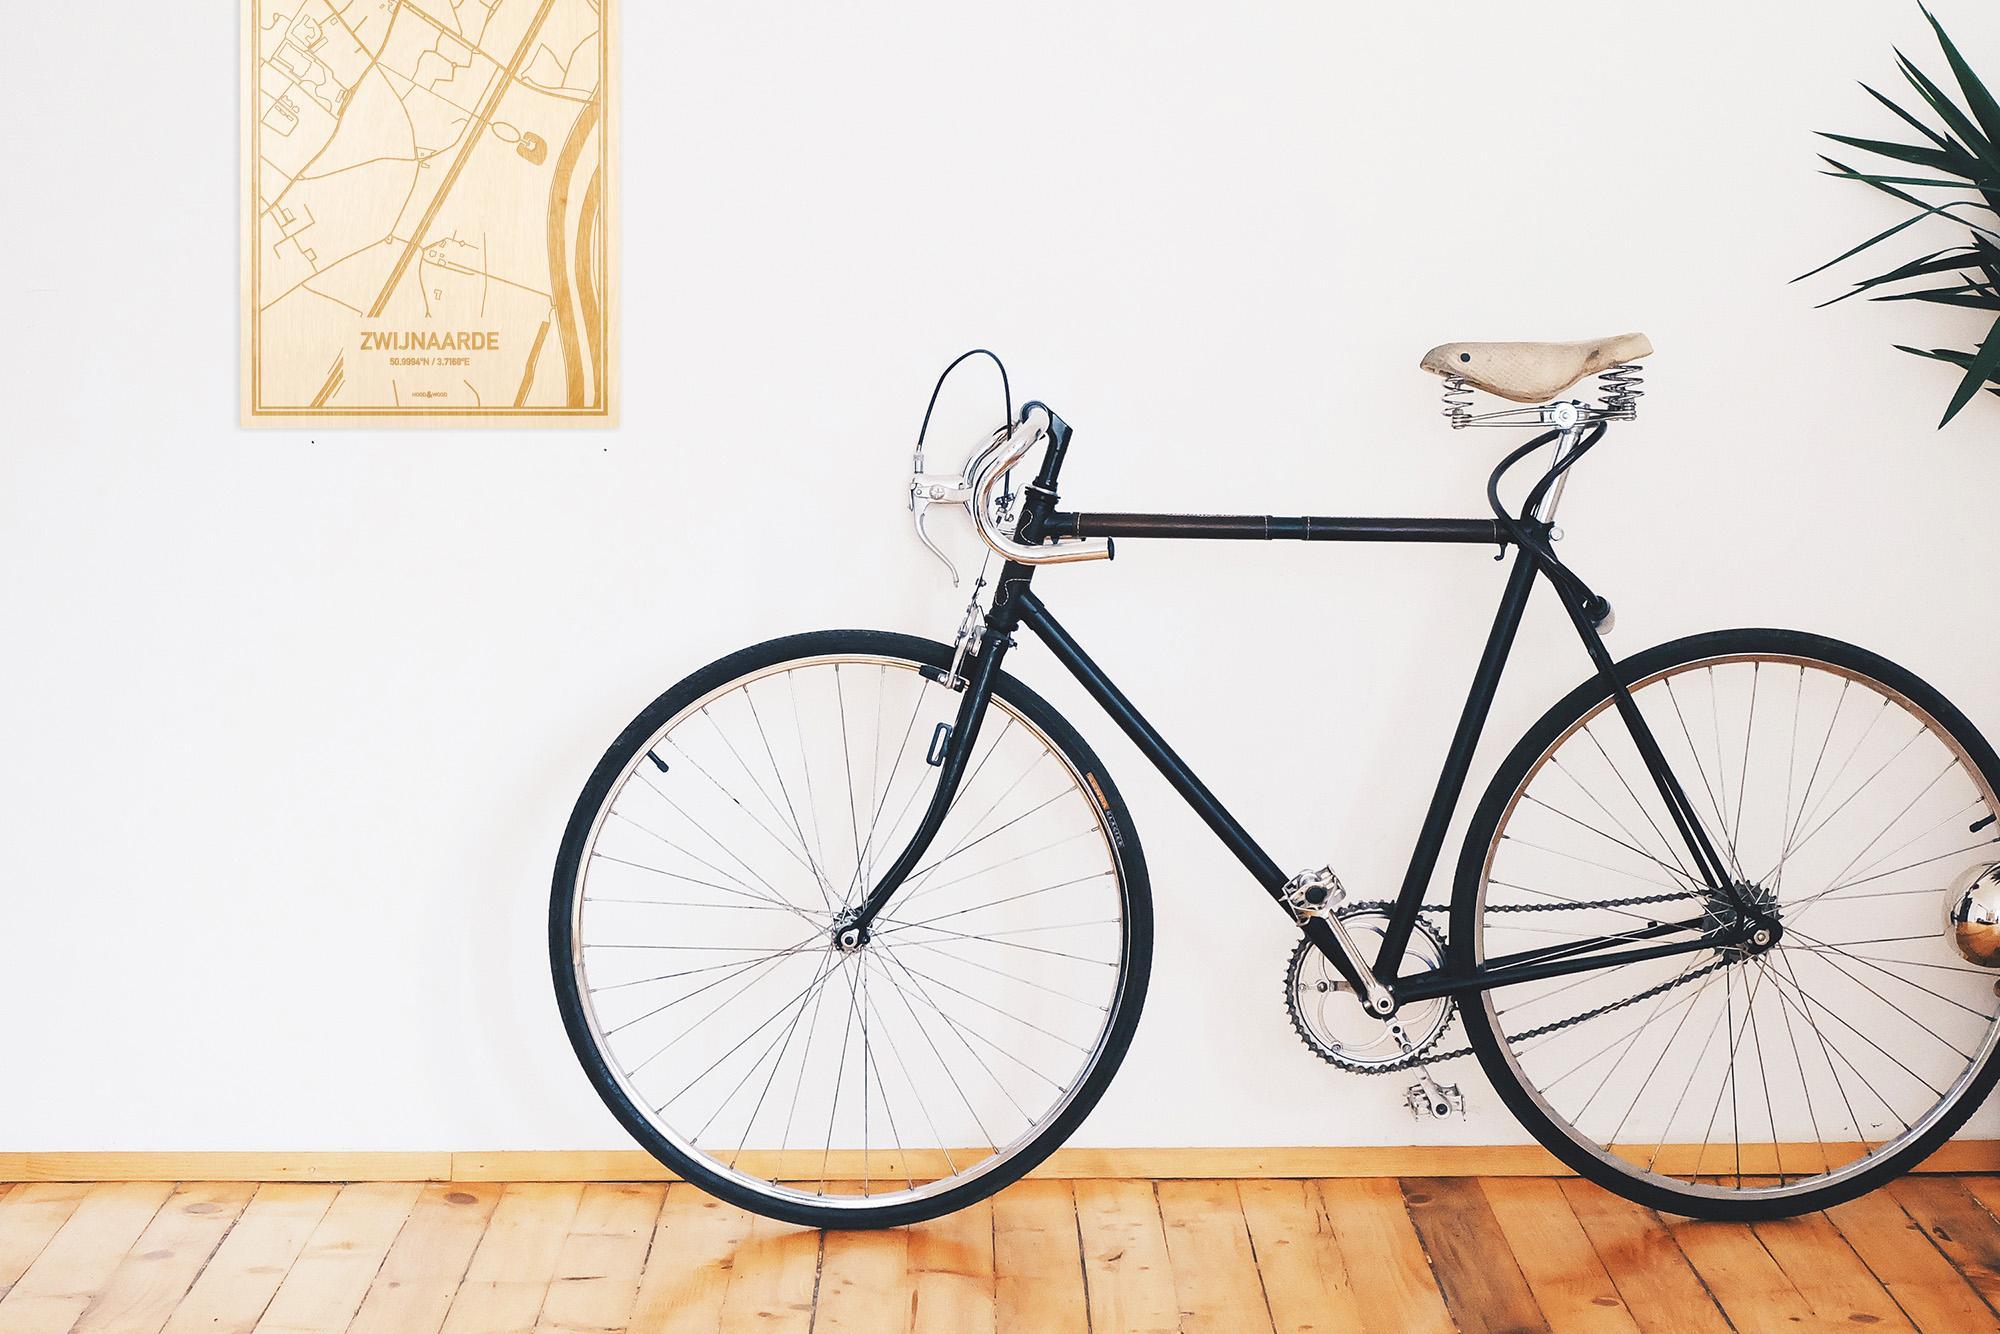 Een snelle fiets in een uniek interieur in Oost-Vlaanderen  met mooie decoratie zoals de plattegrond Zwijnaarde.